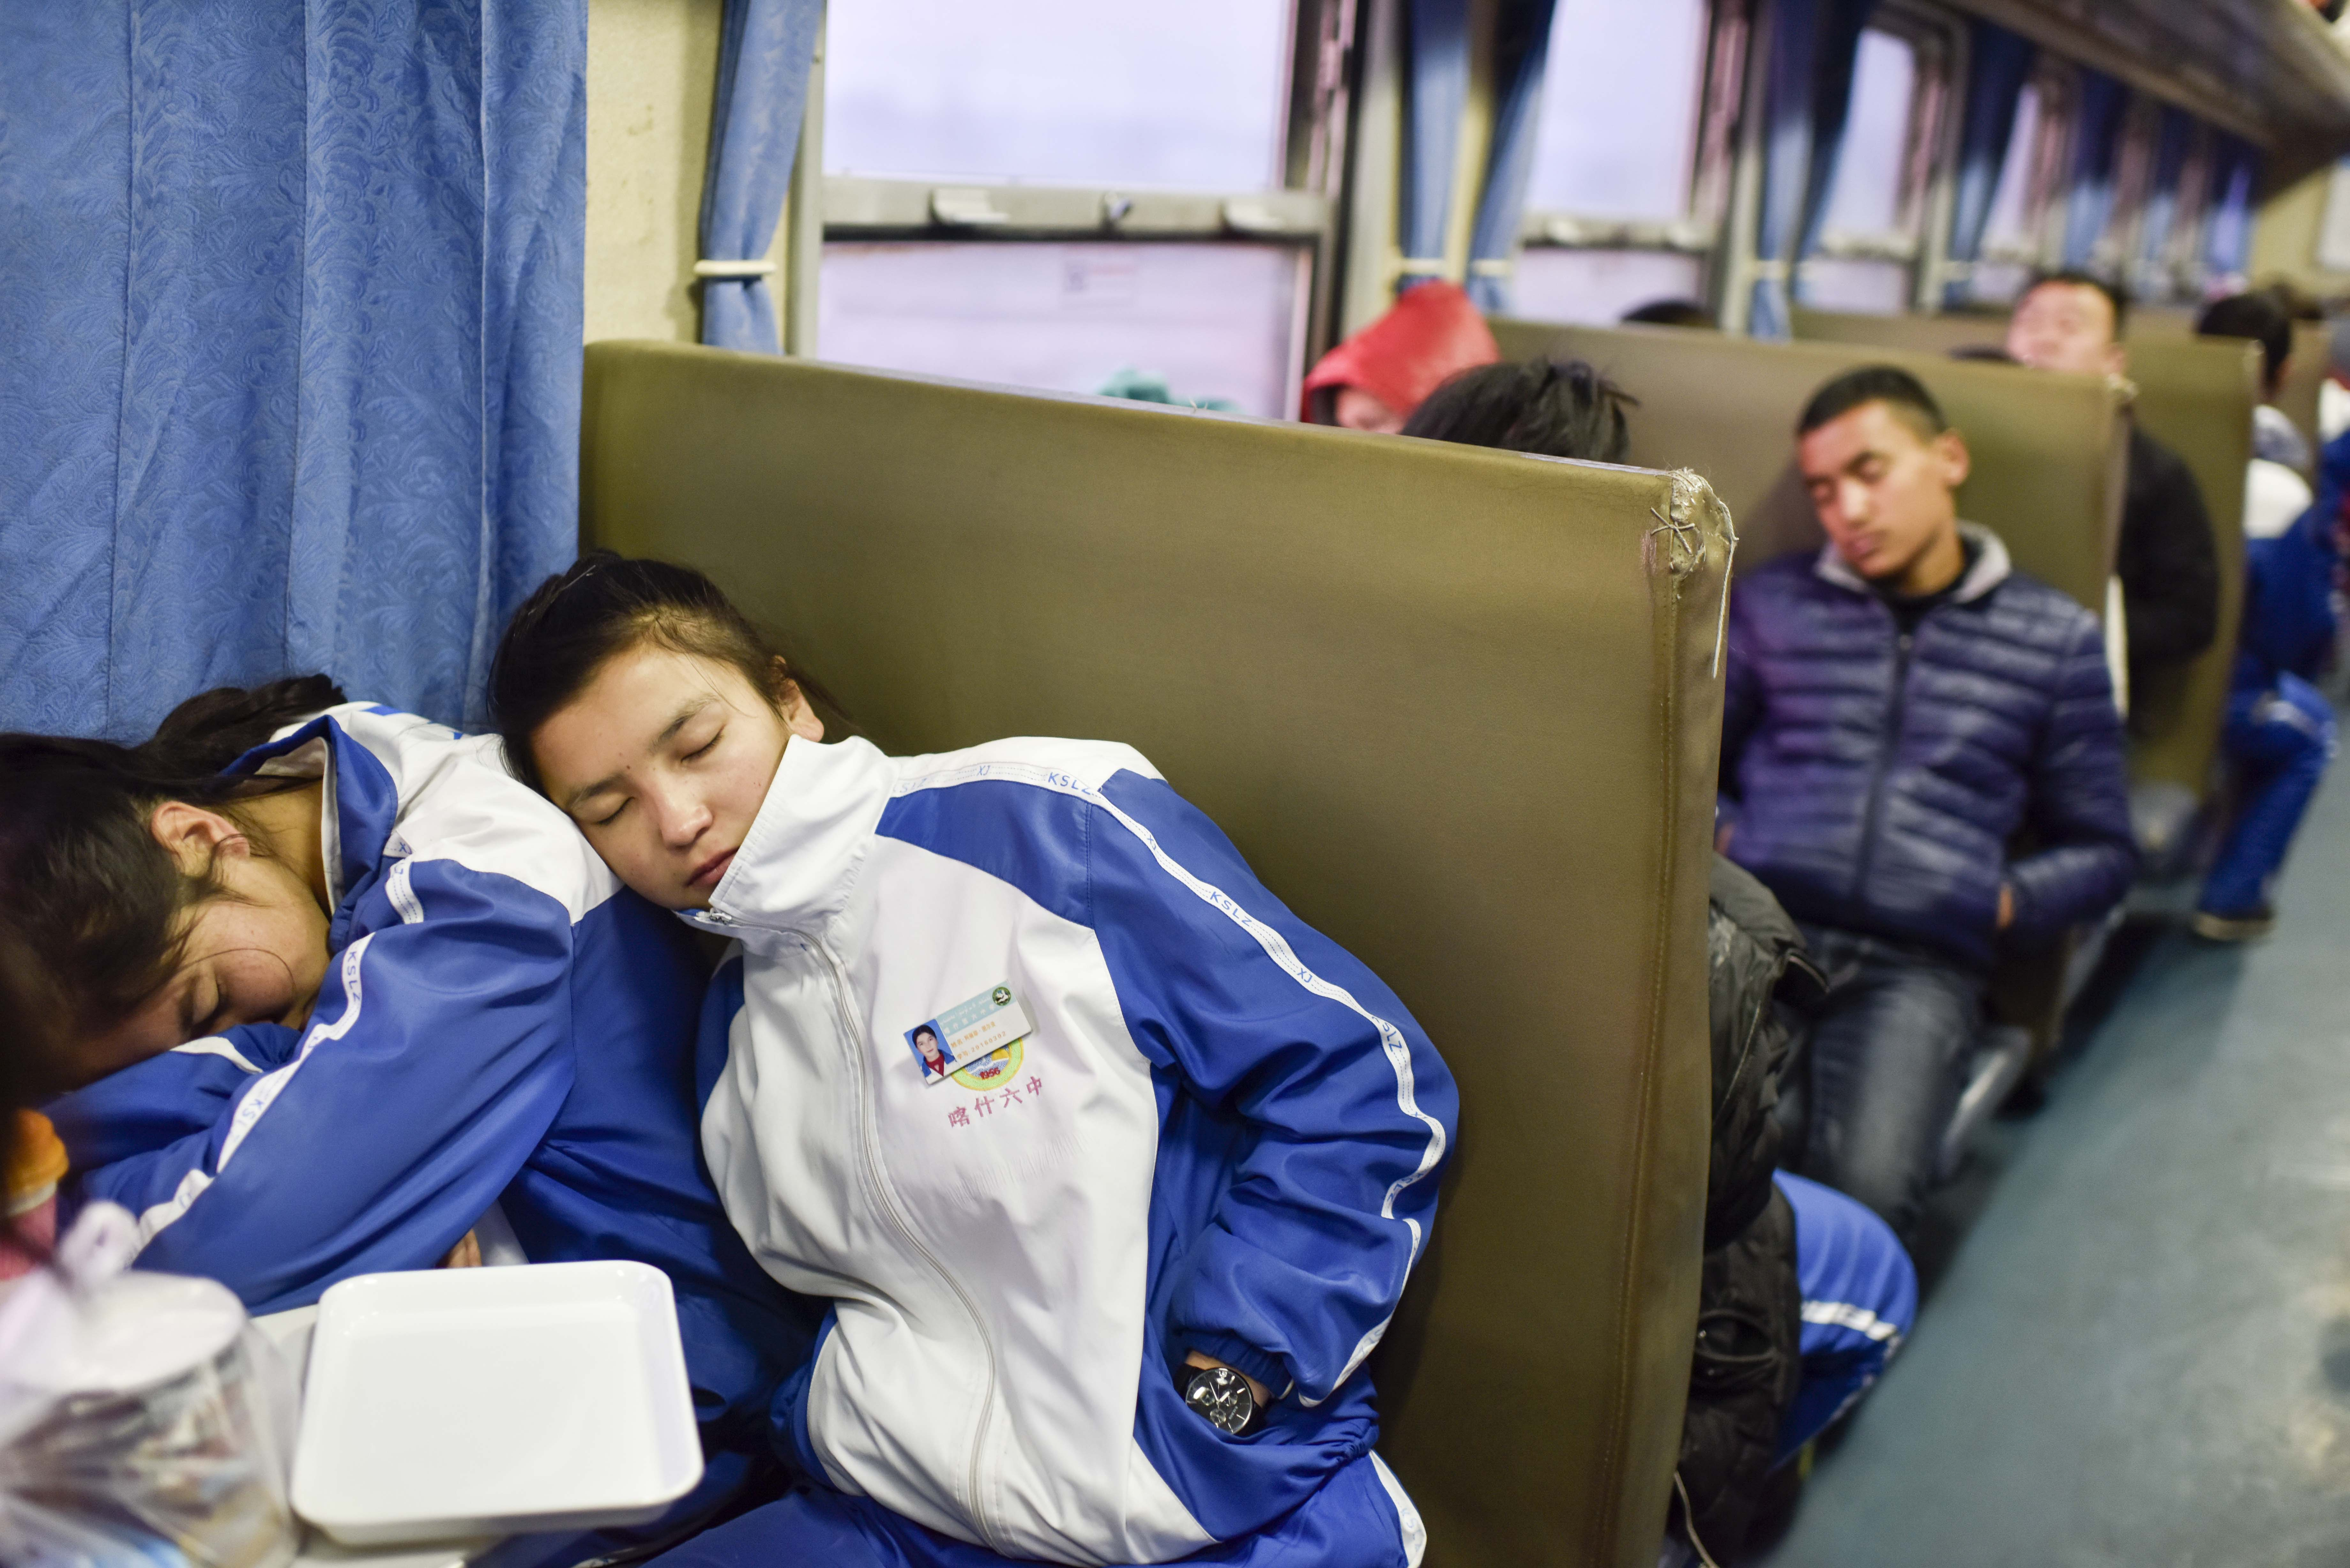 在由喀什开往和田饿5809次列车上,来自喀什六中的学生正在休息(11月24日摄)。每个月这些同学们回放一个小段假,他们会优先选择坐火车回家。因为坐火车安全票价也很低廉。